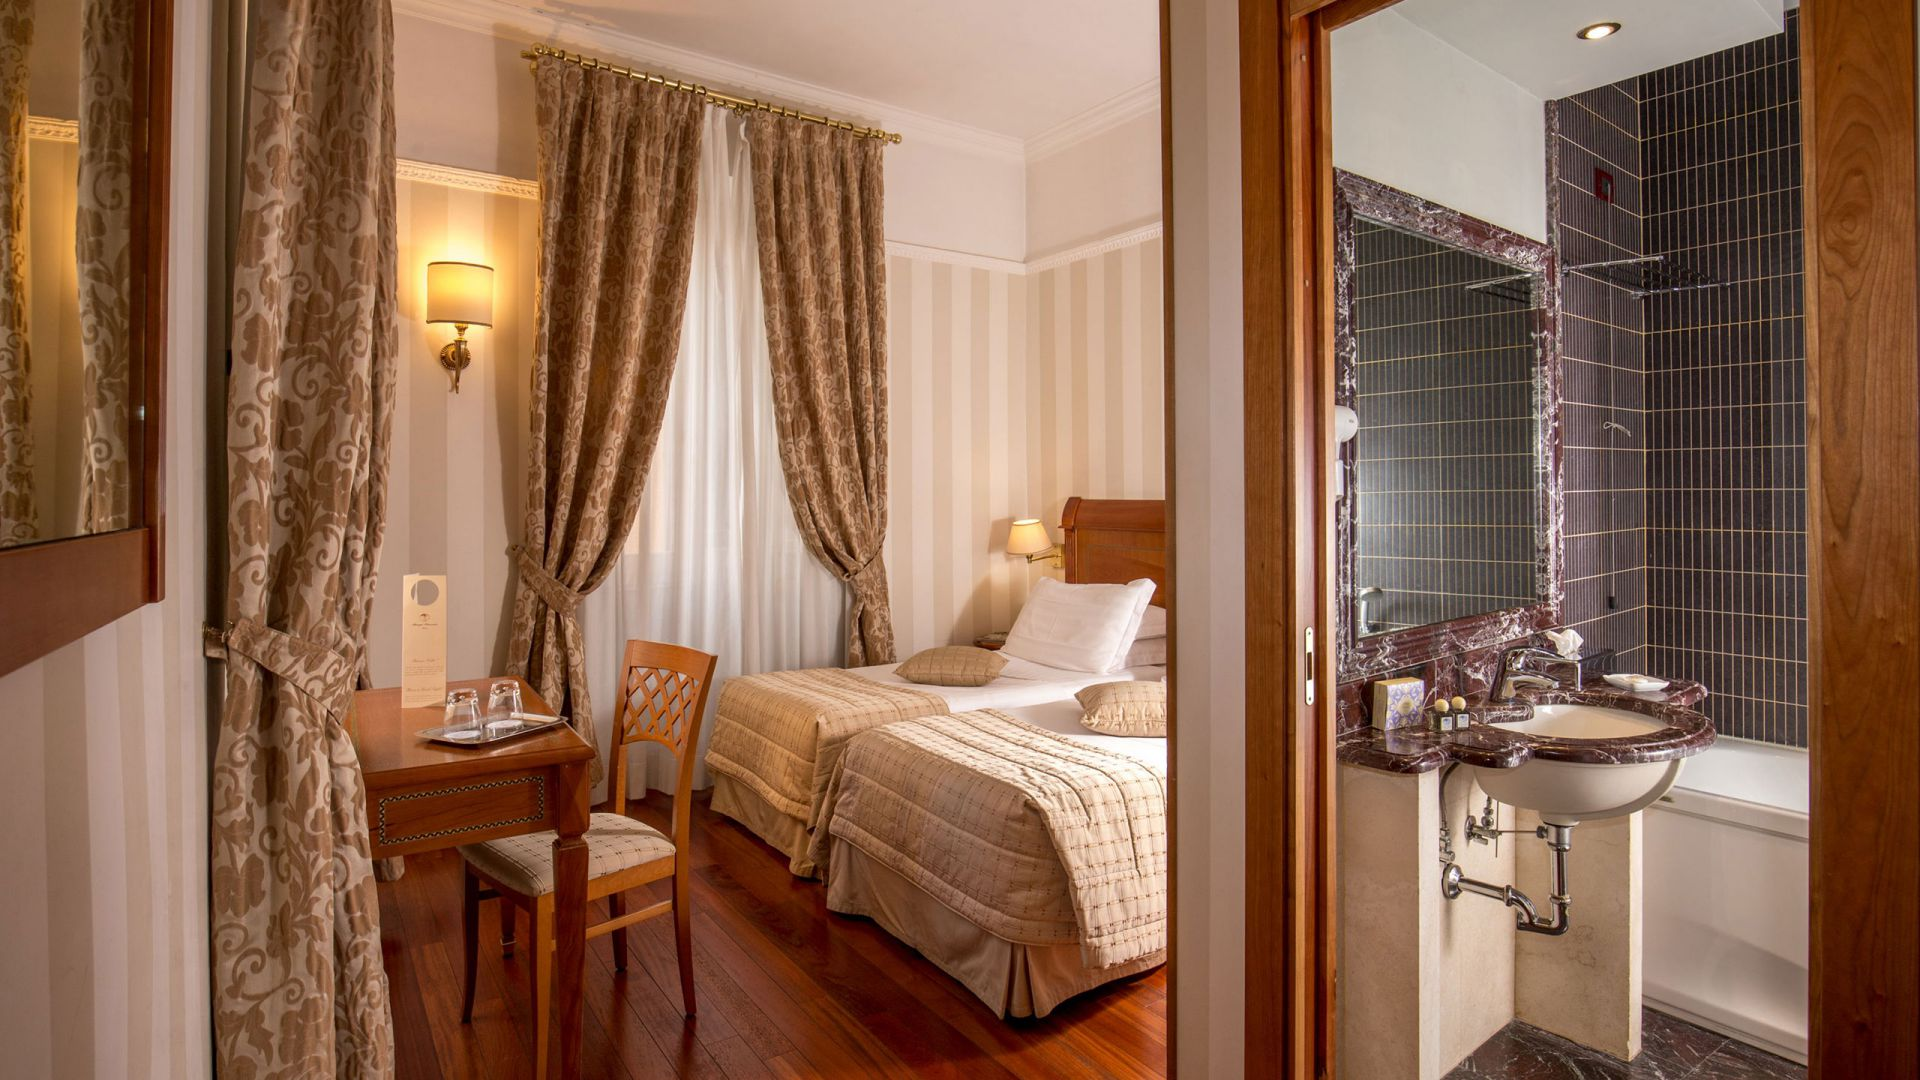 albergo-ottocento-roma-doppia-deluxe-09